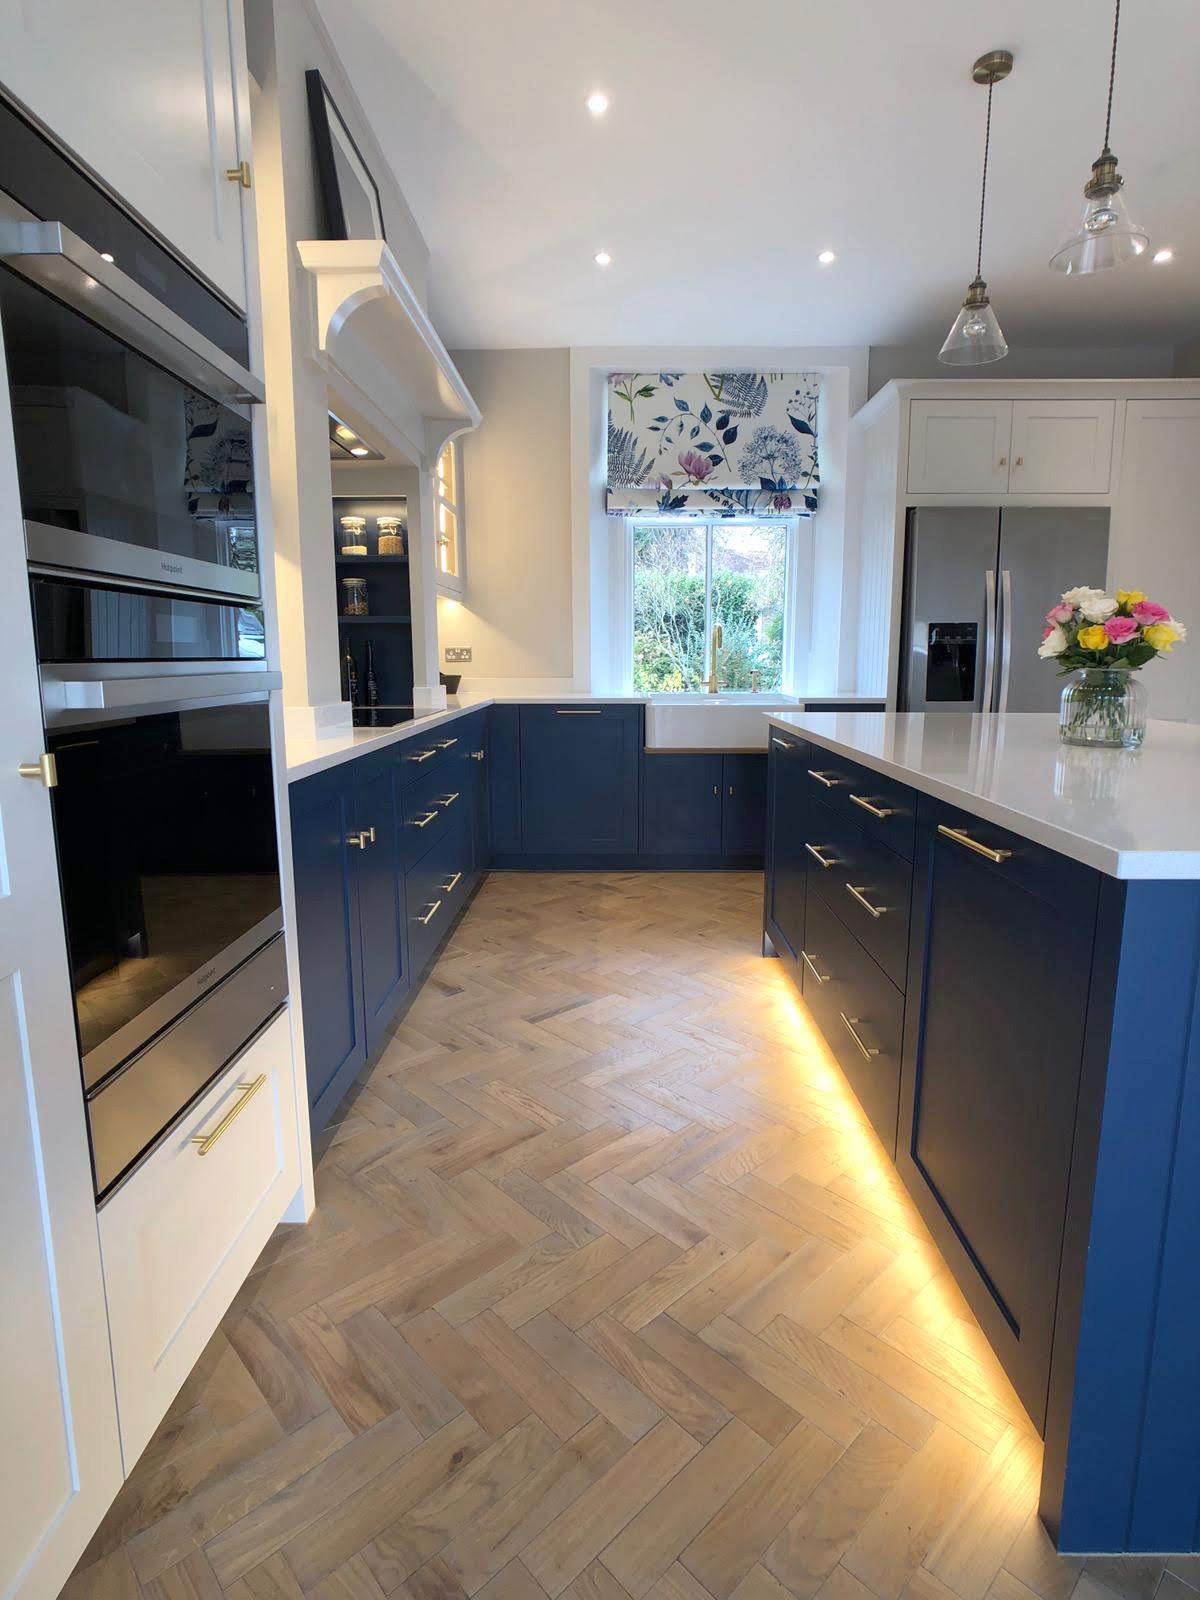 View to Kitchen Sink